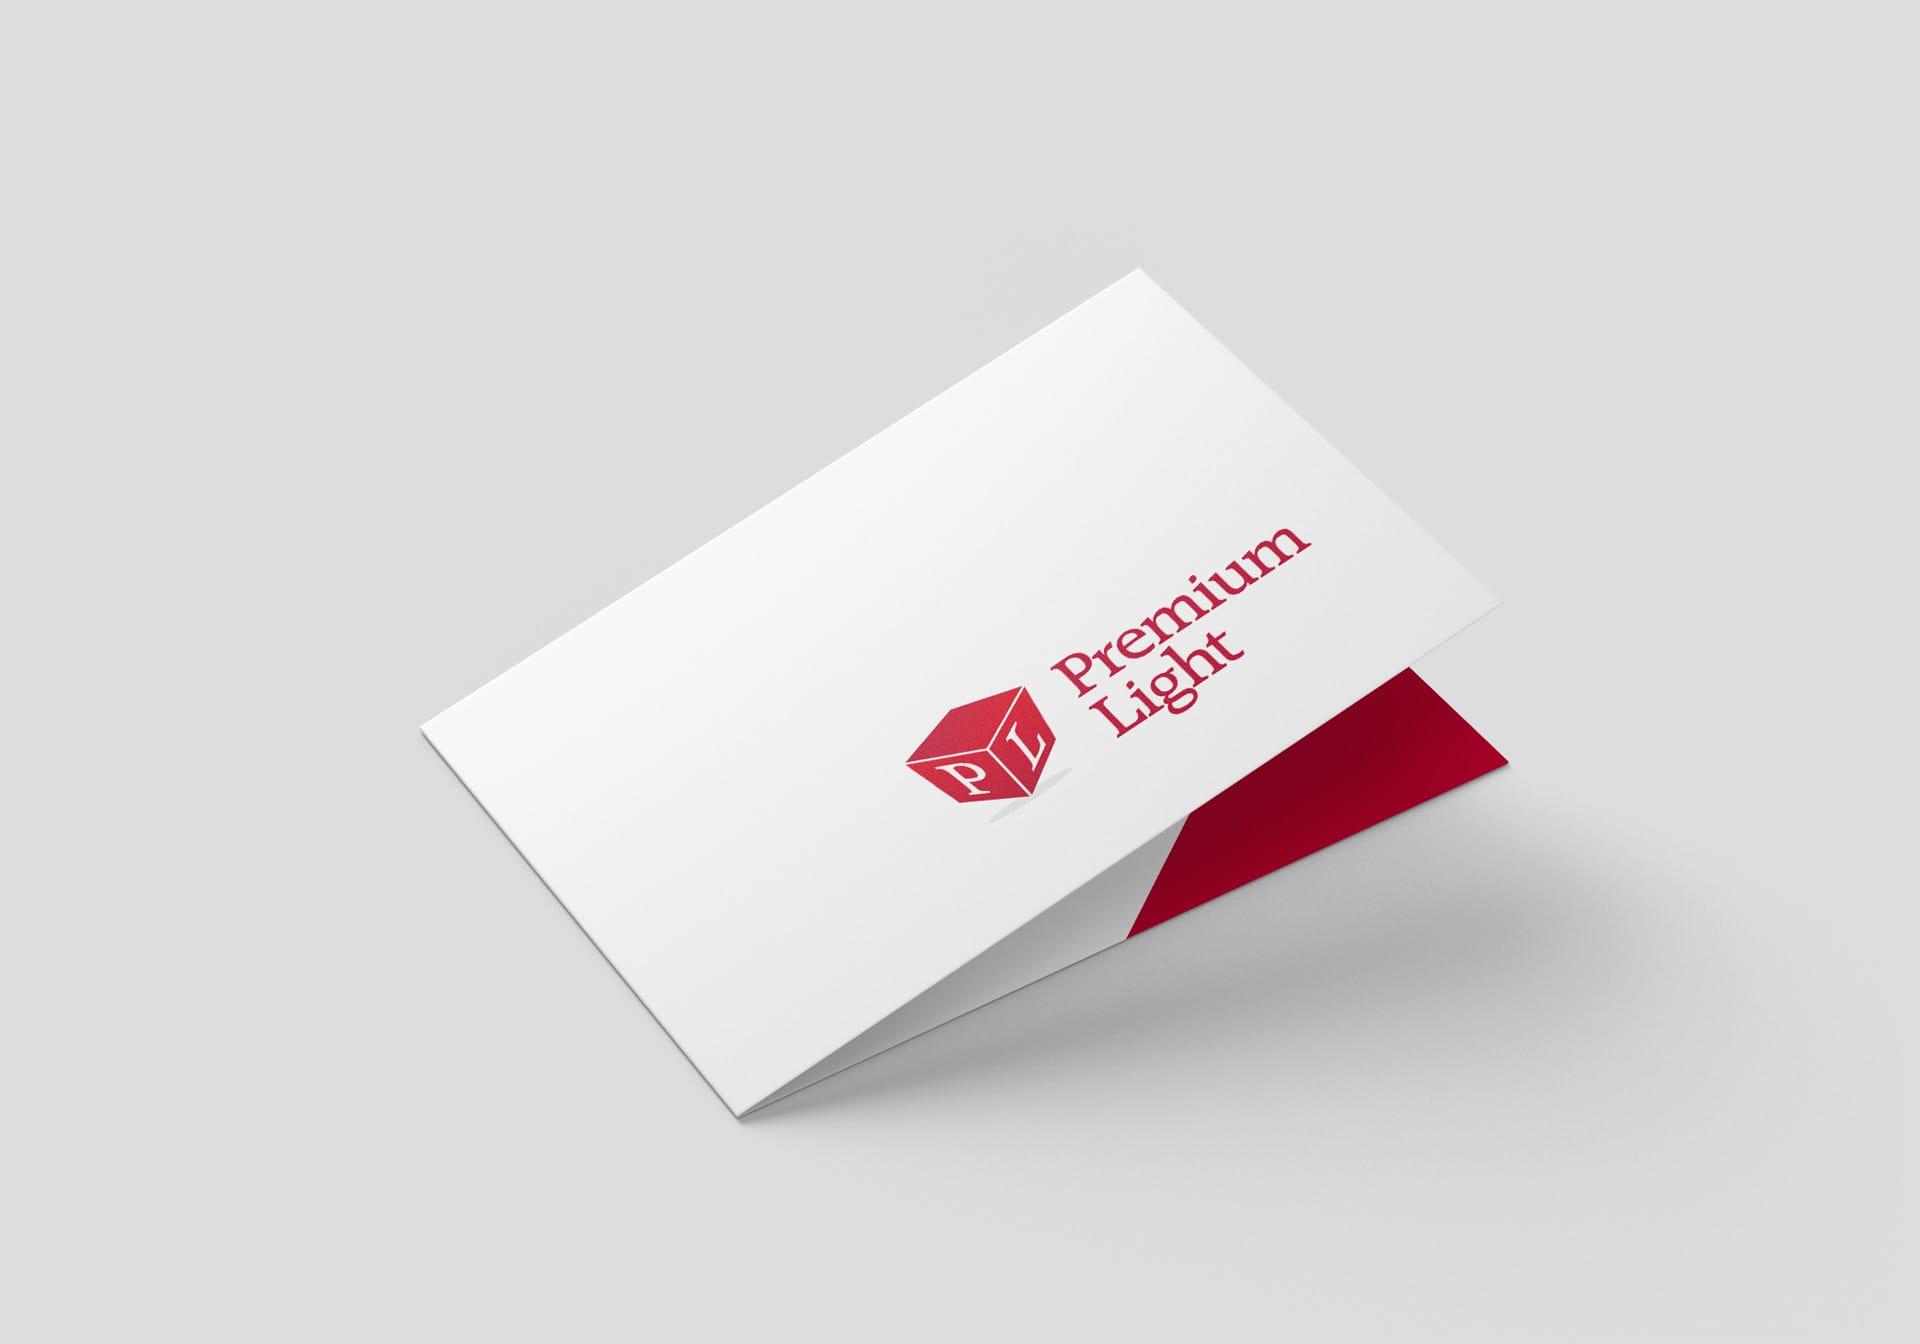 Projektowanie logo dla firmy Premium Light Agencja brandingowa Moweli Creative